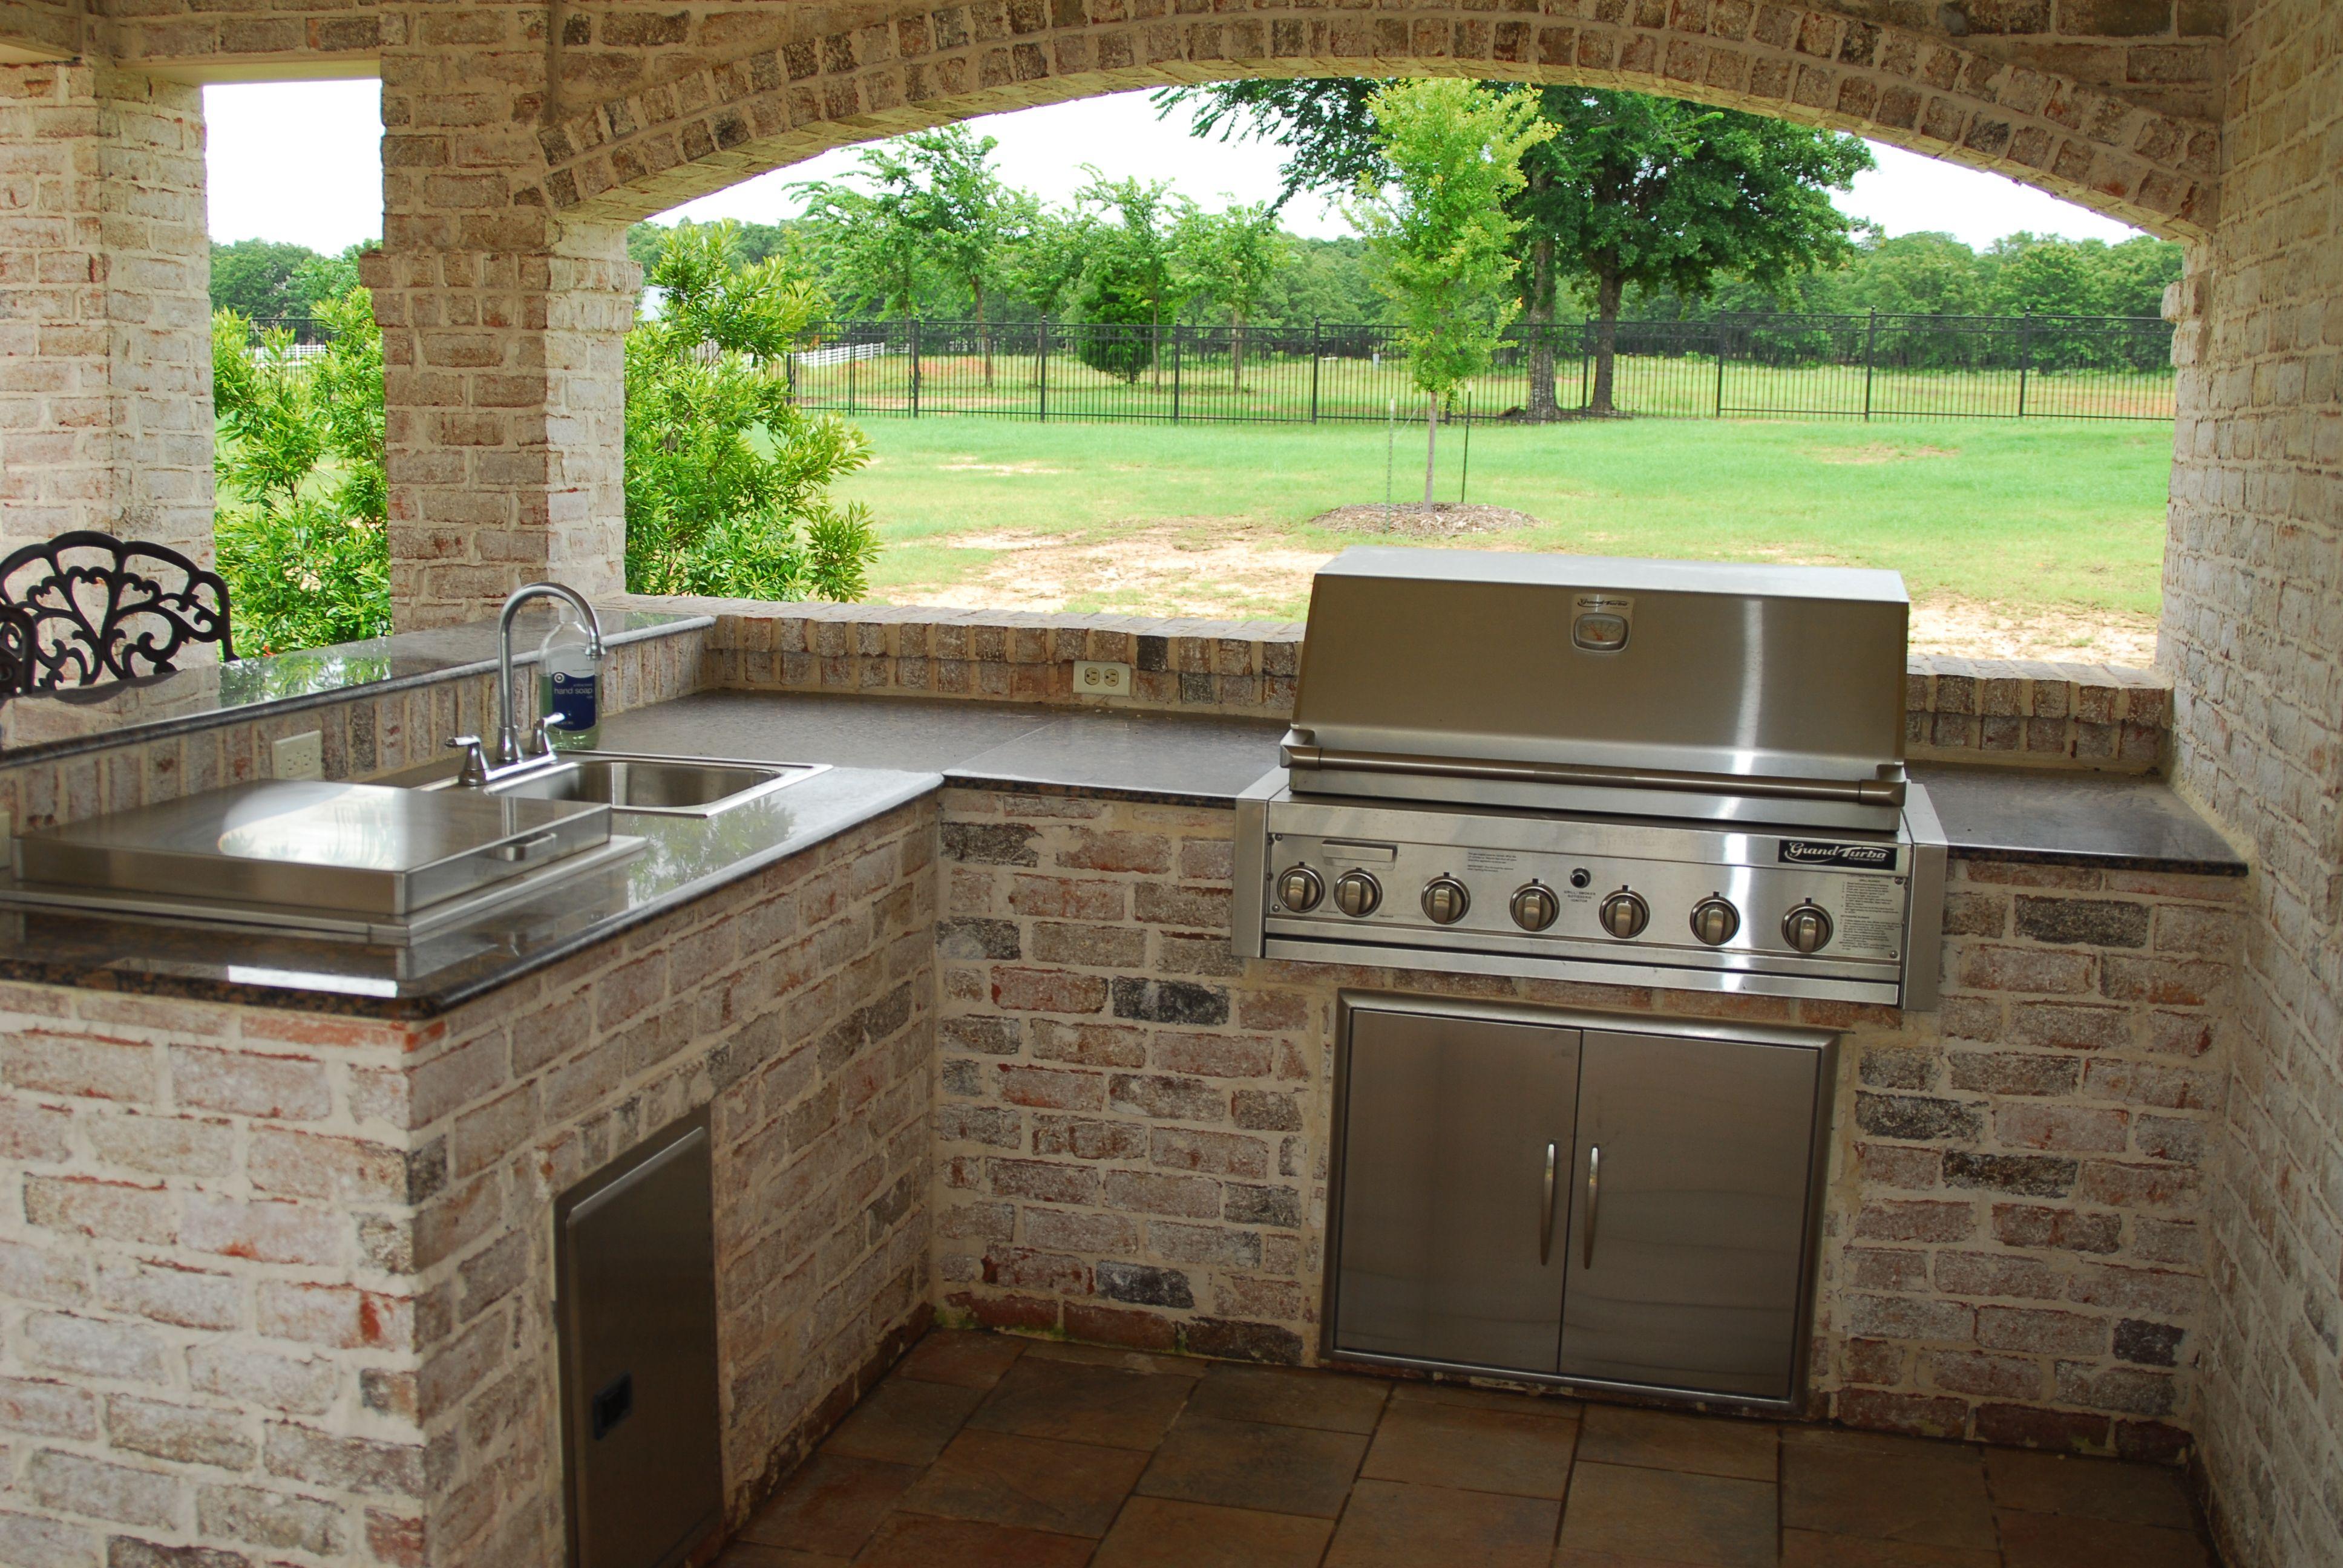 Die Meisten Kühl Draußen Küchen Designs Als sich angewendet, die für ...